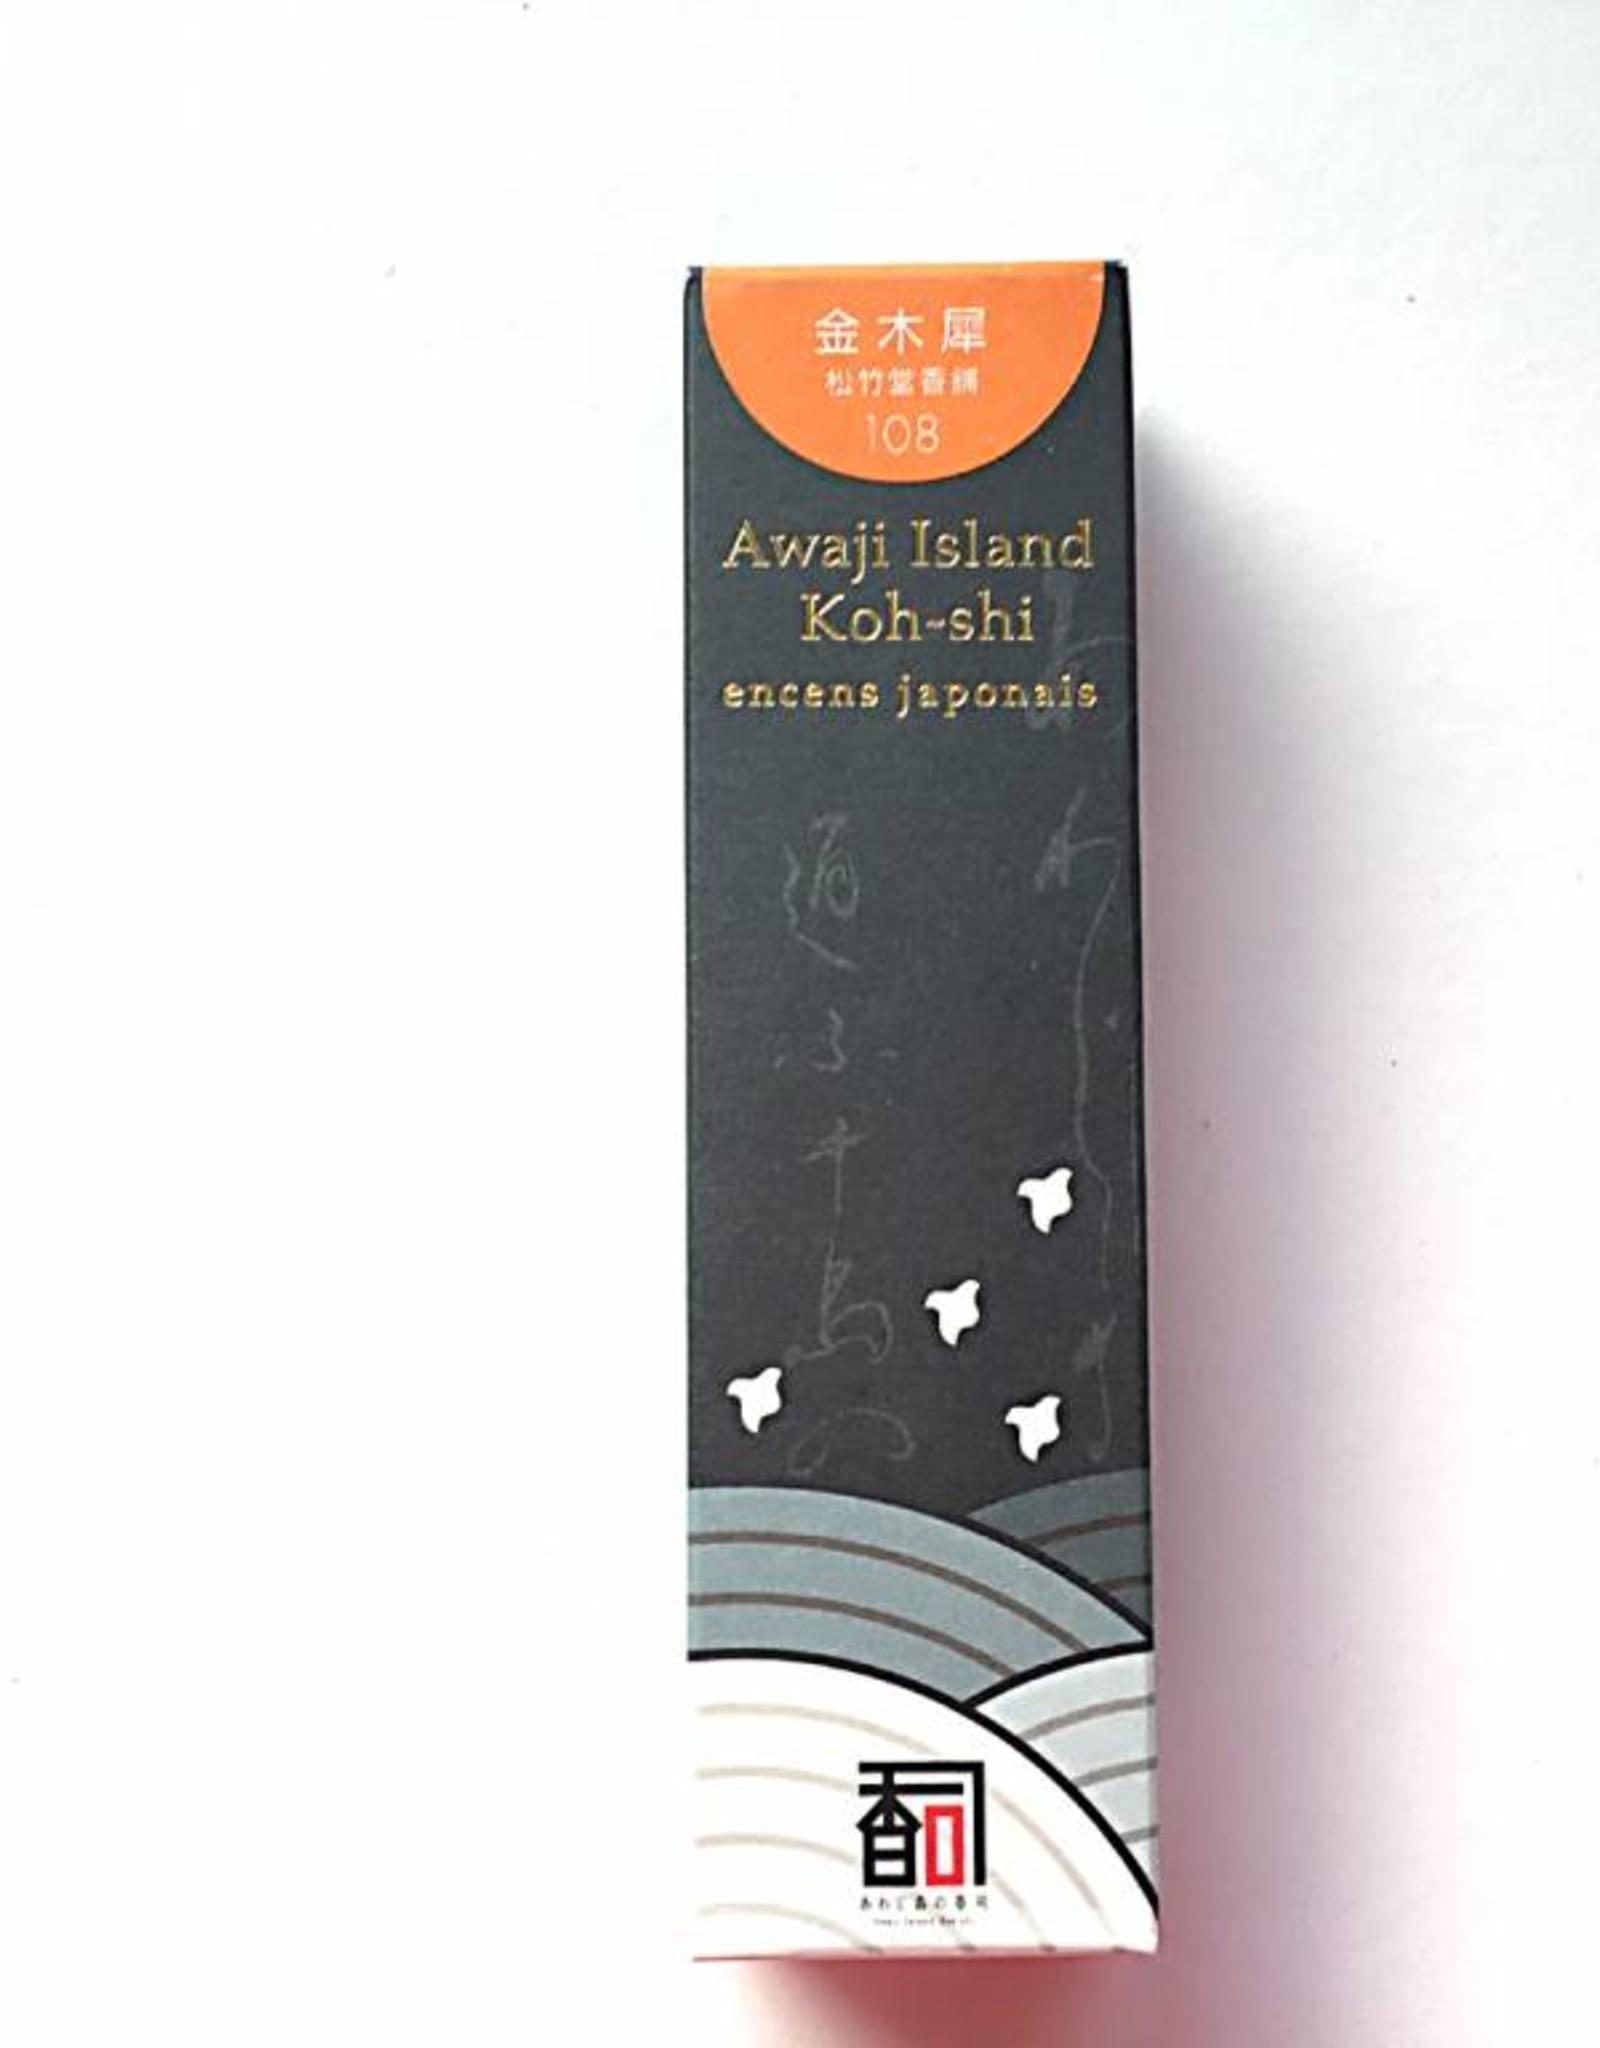 Awaji Island Koh-shi Japanese incense Olive (Osmanthus) (108)